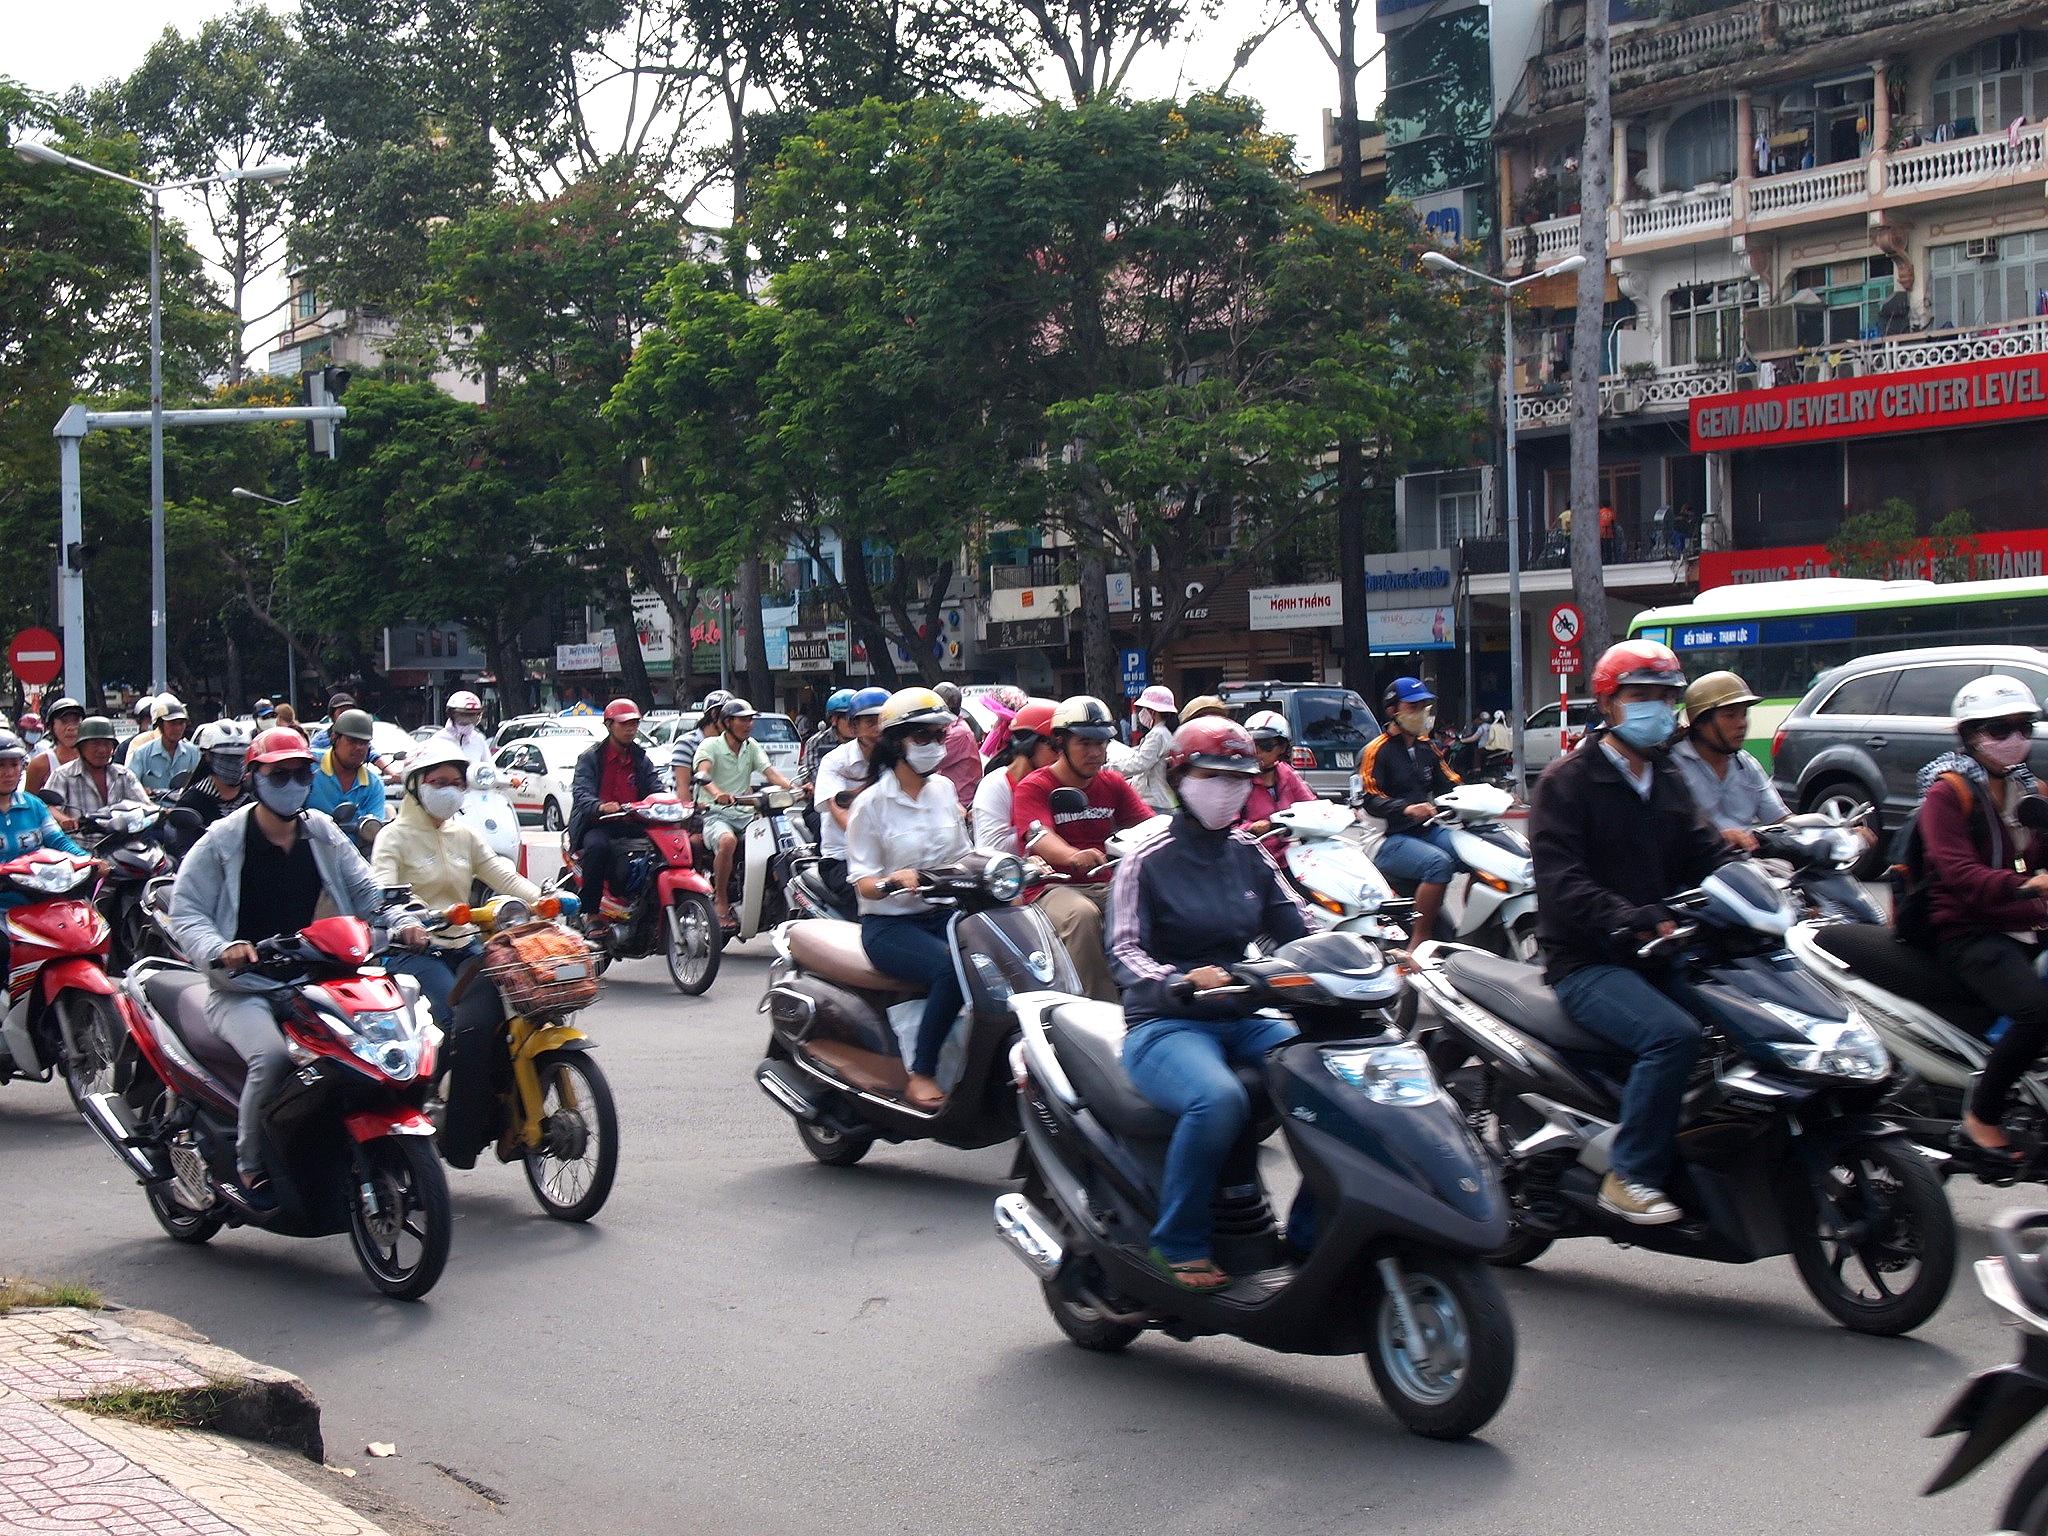 ベトナムの街中にはバイクがあふれ、排気ガスのためマスクをしている。